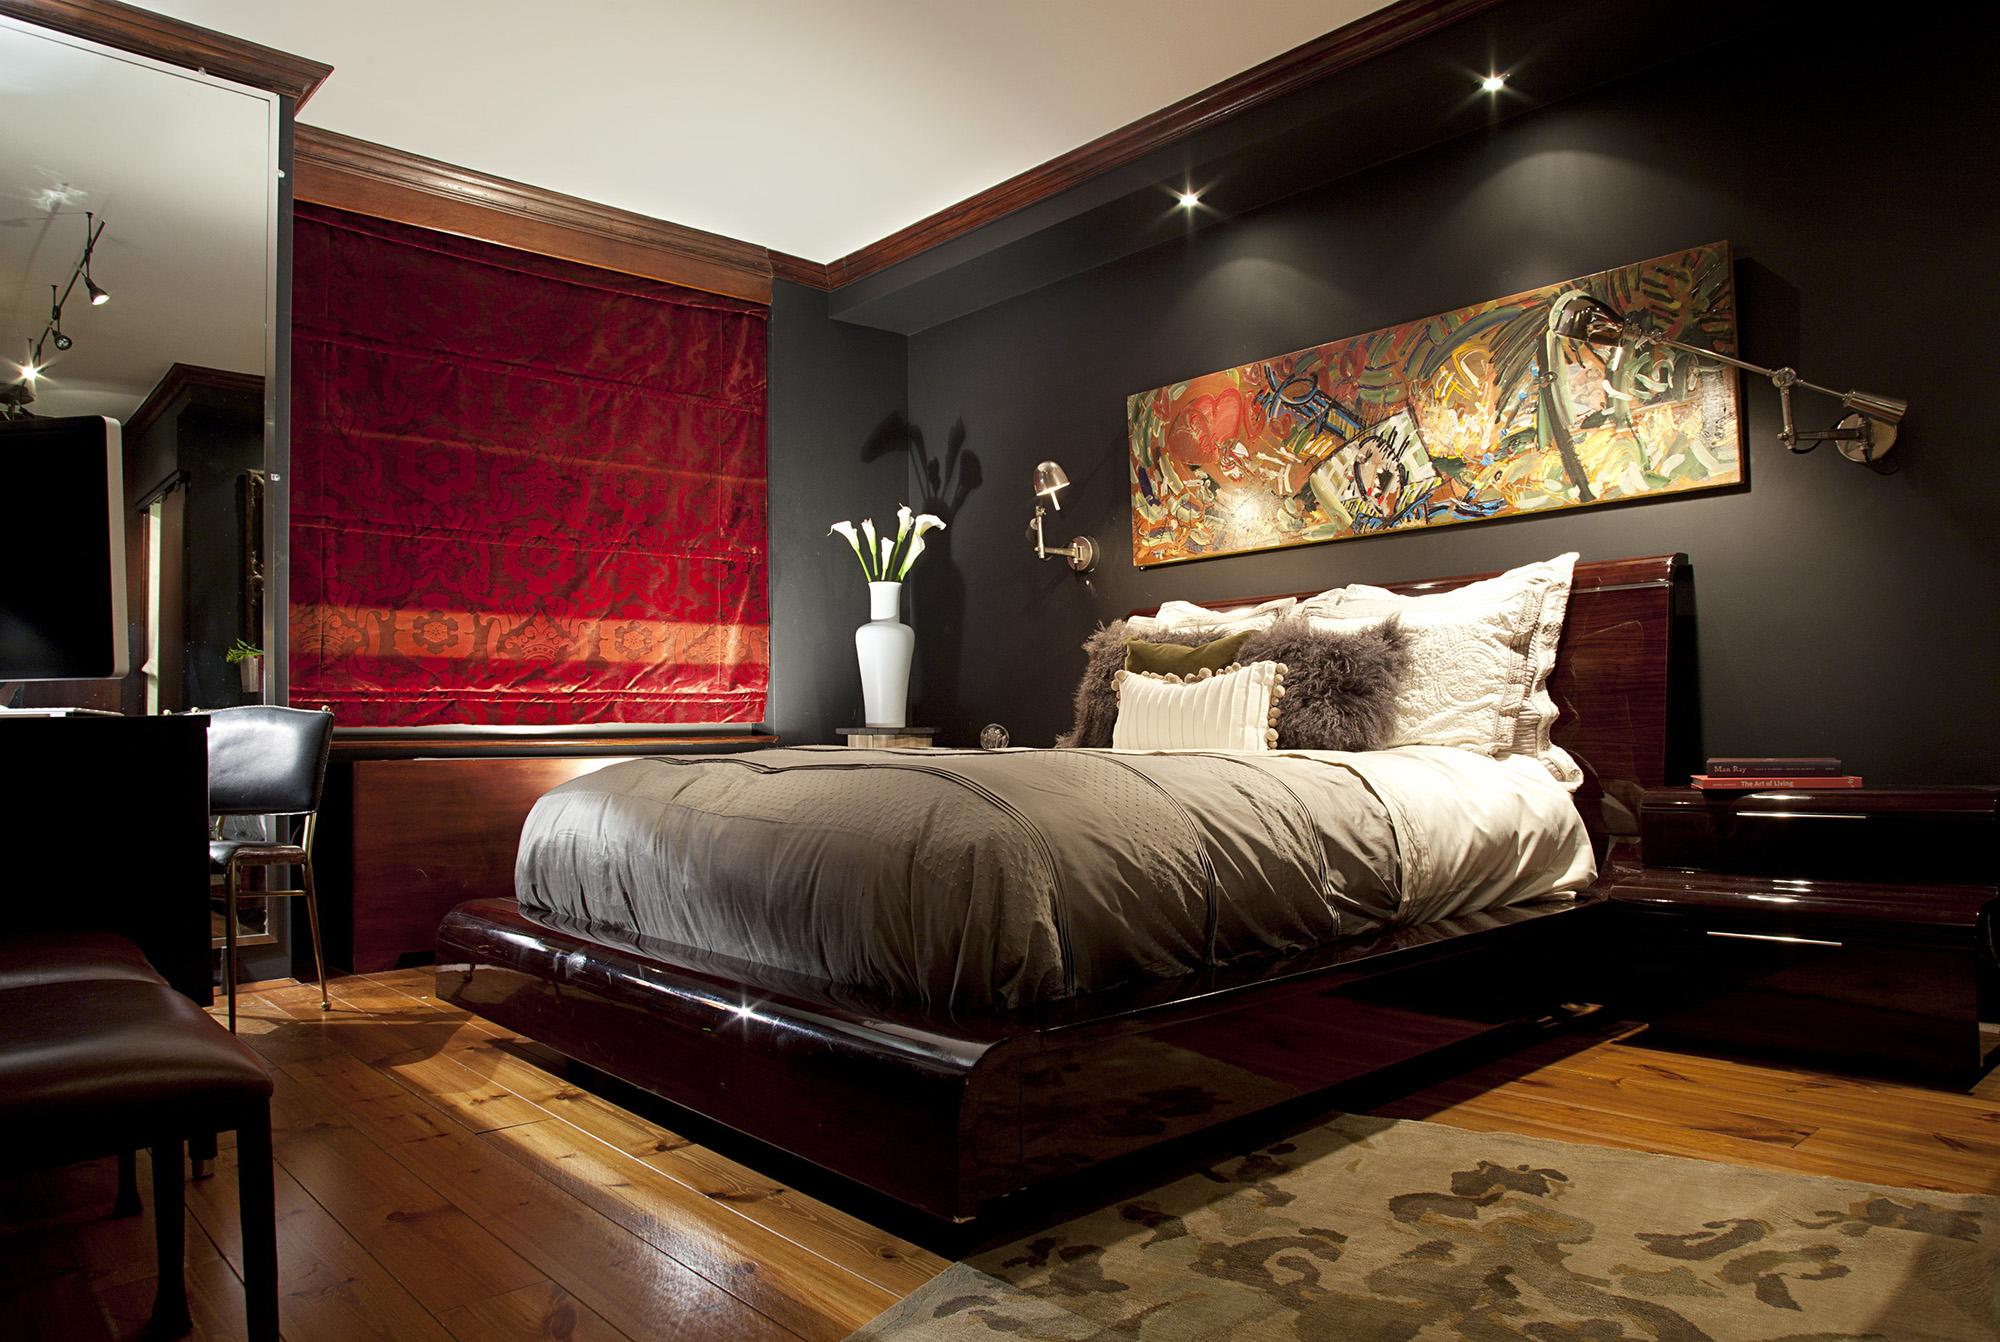 Точечное освещение и настенная лампа в спальне с красными шторами